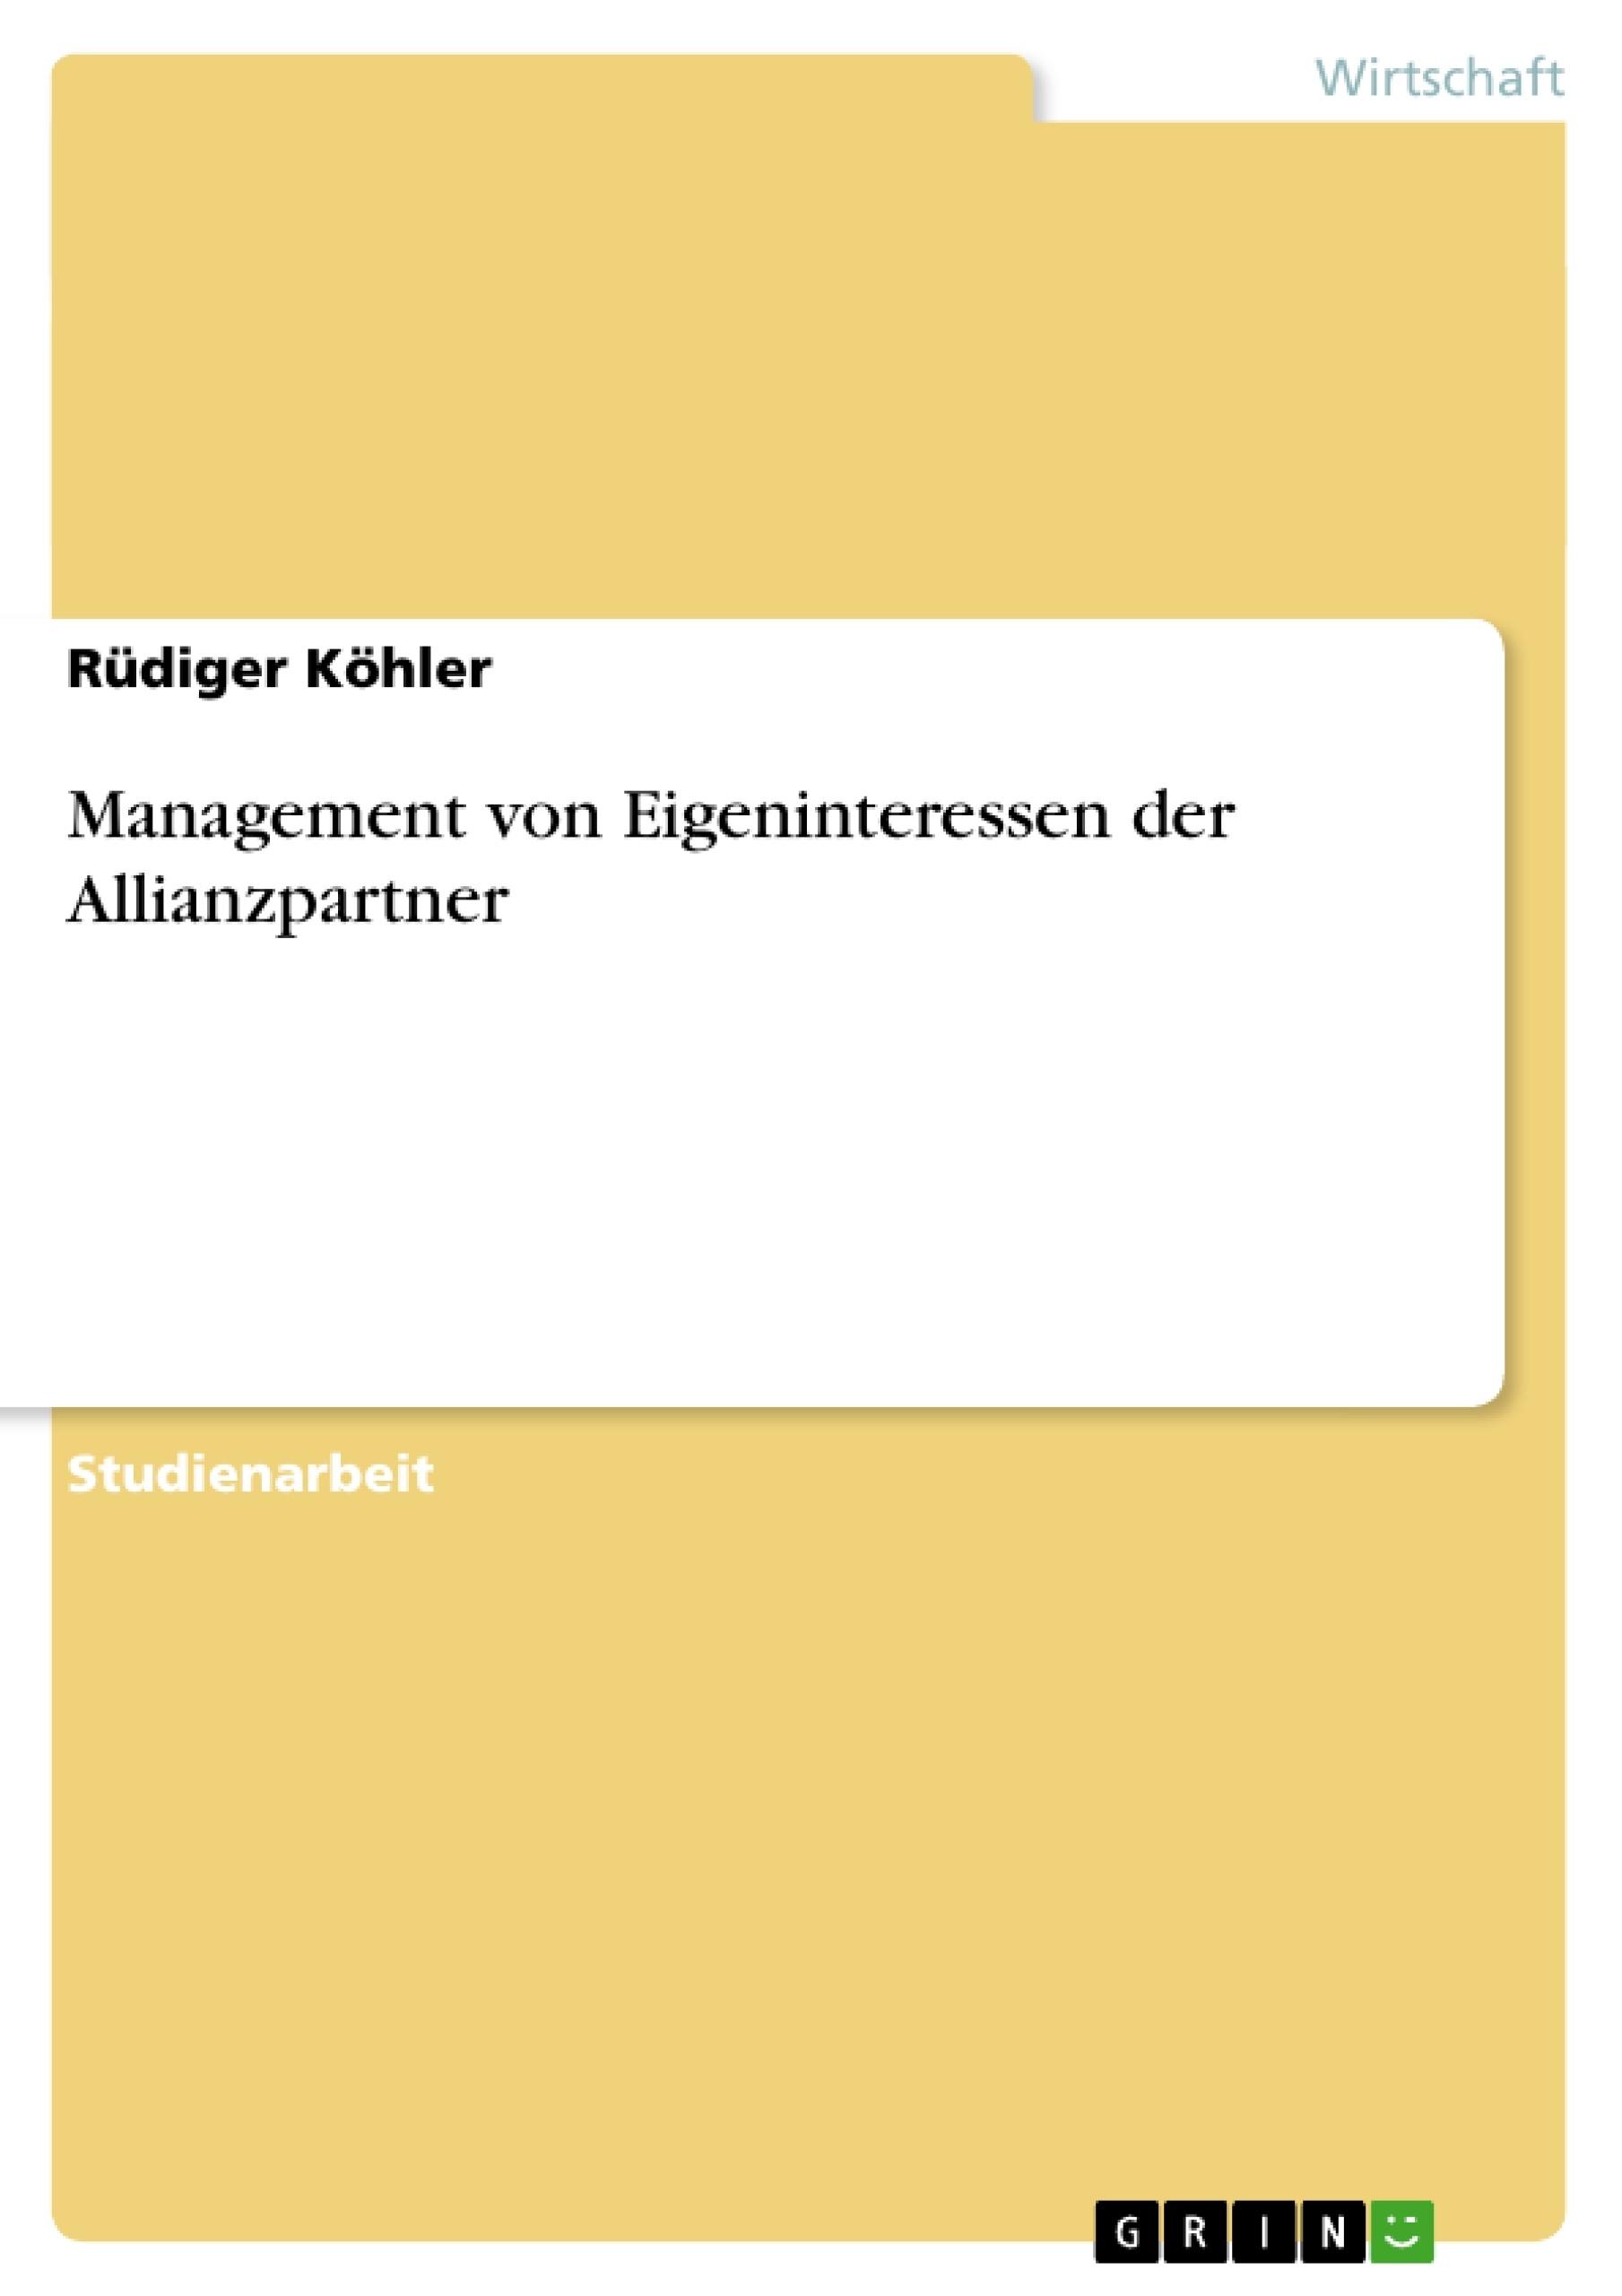 Titel: Management von Eigeninteressen der Allianzpartner